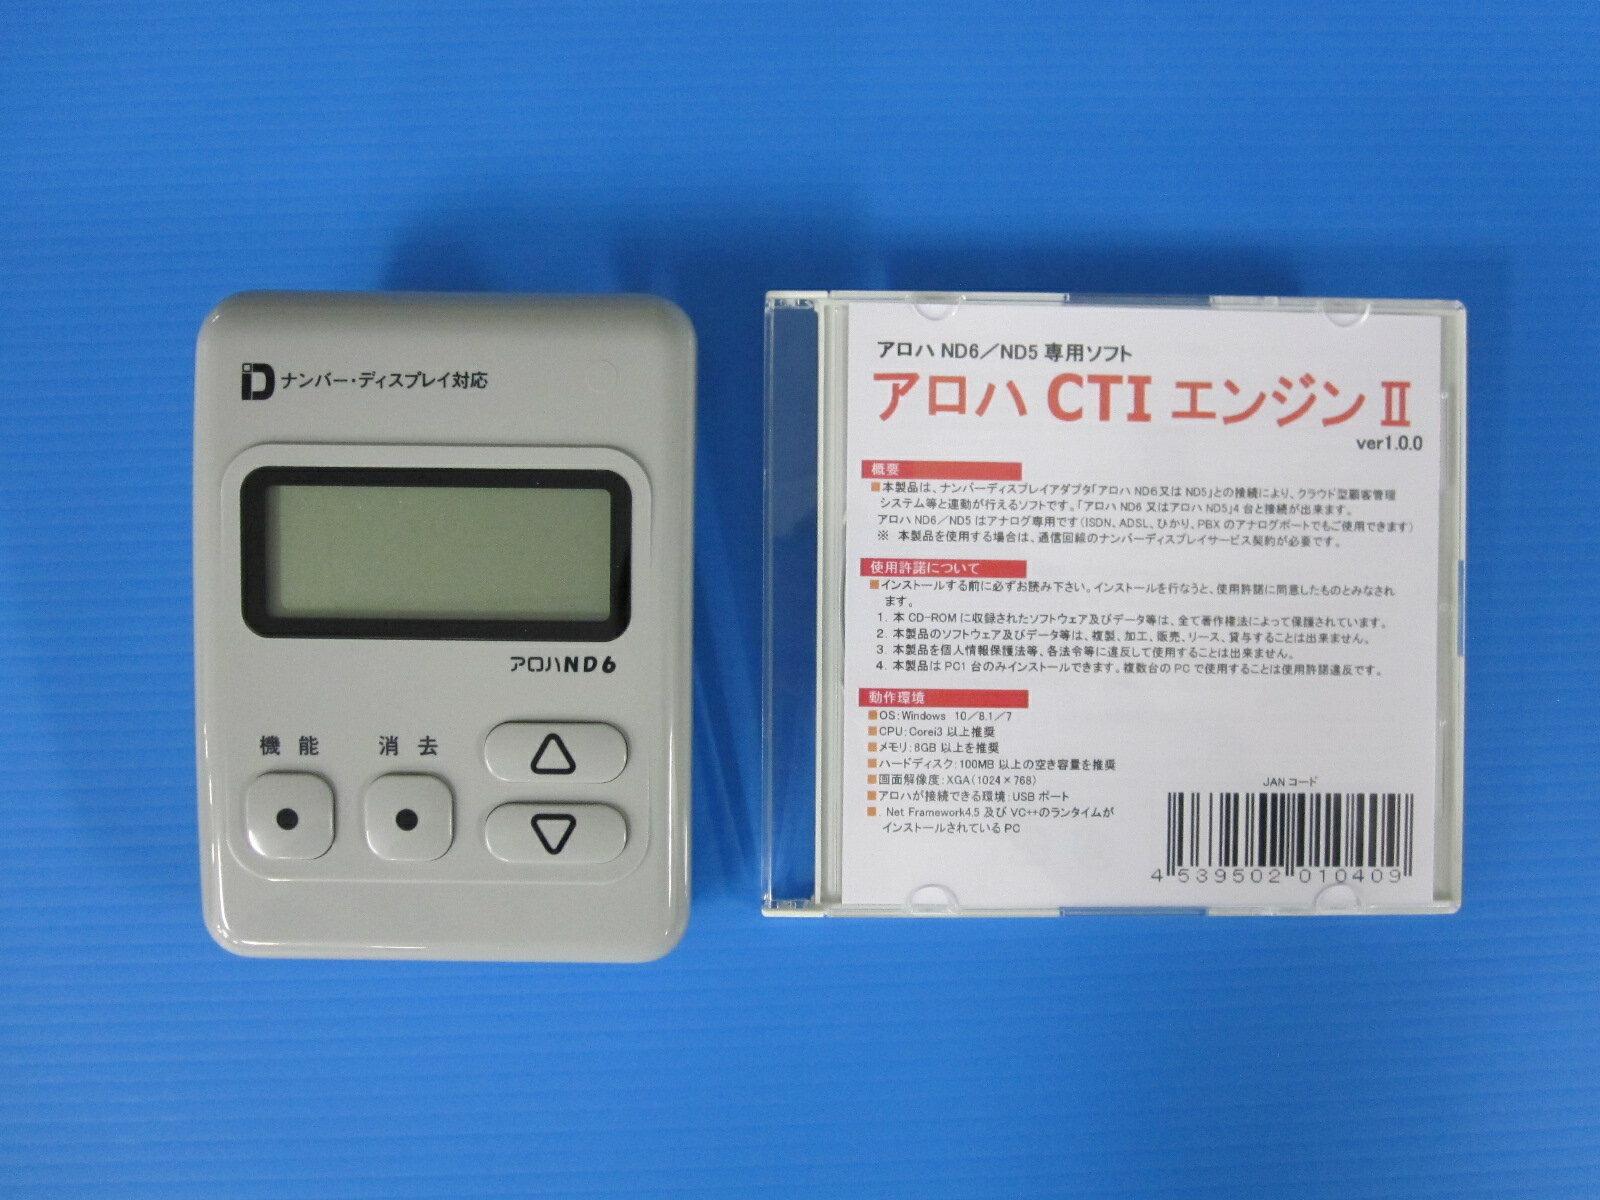 アロハCTIエンジンll/ND5